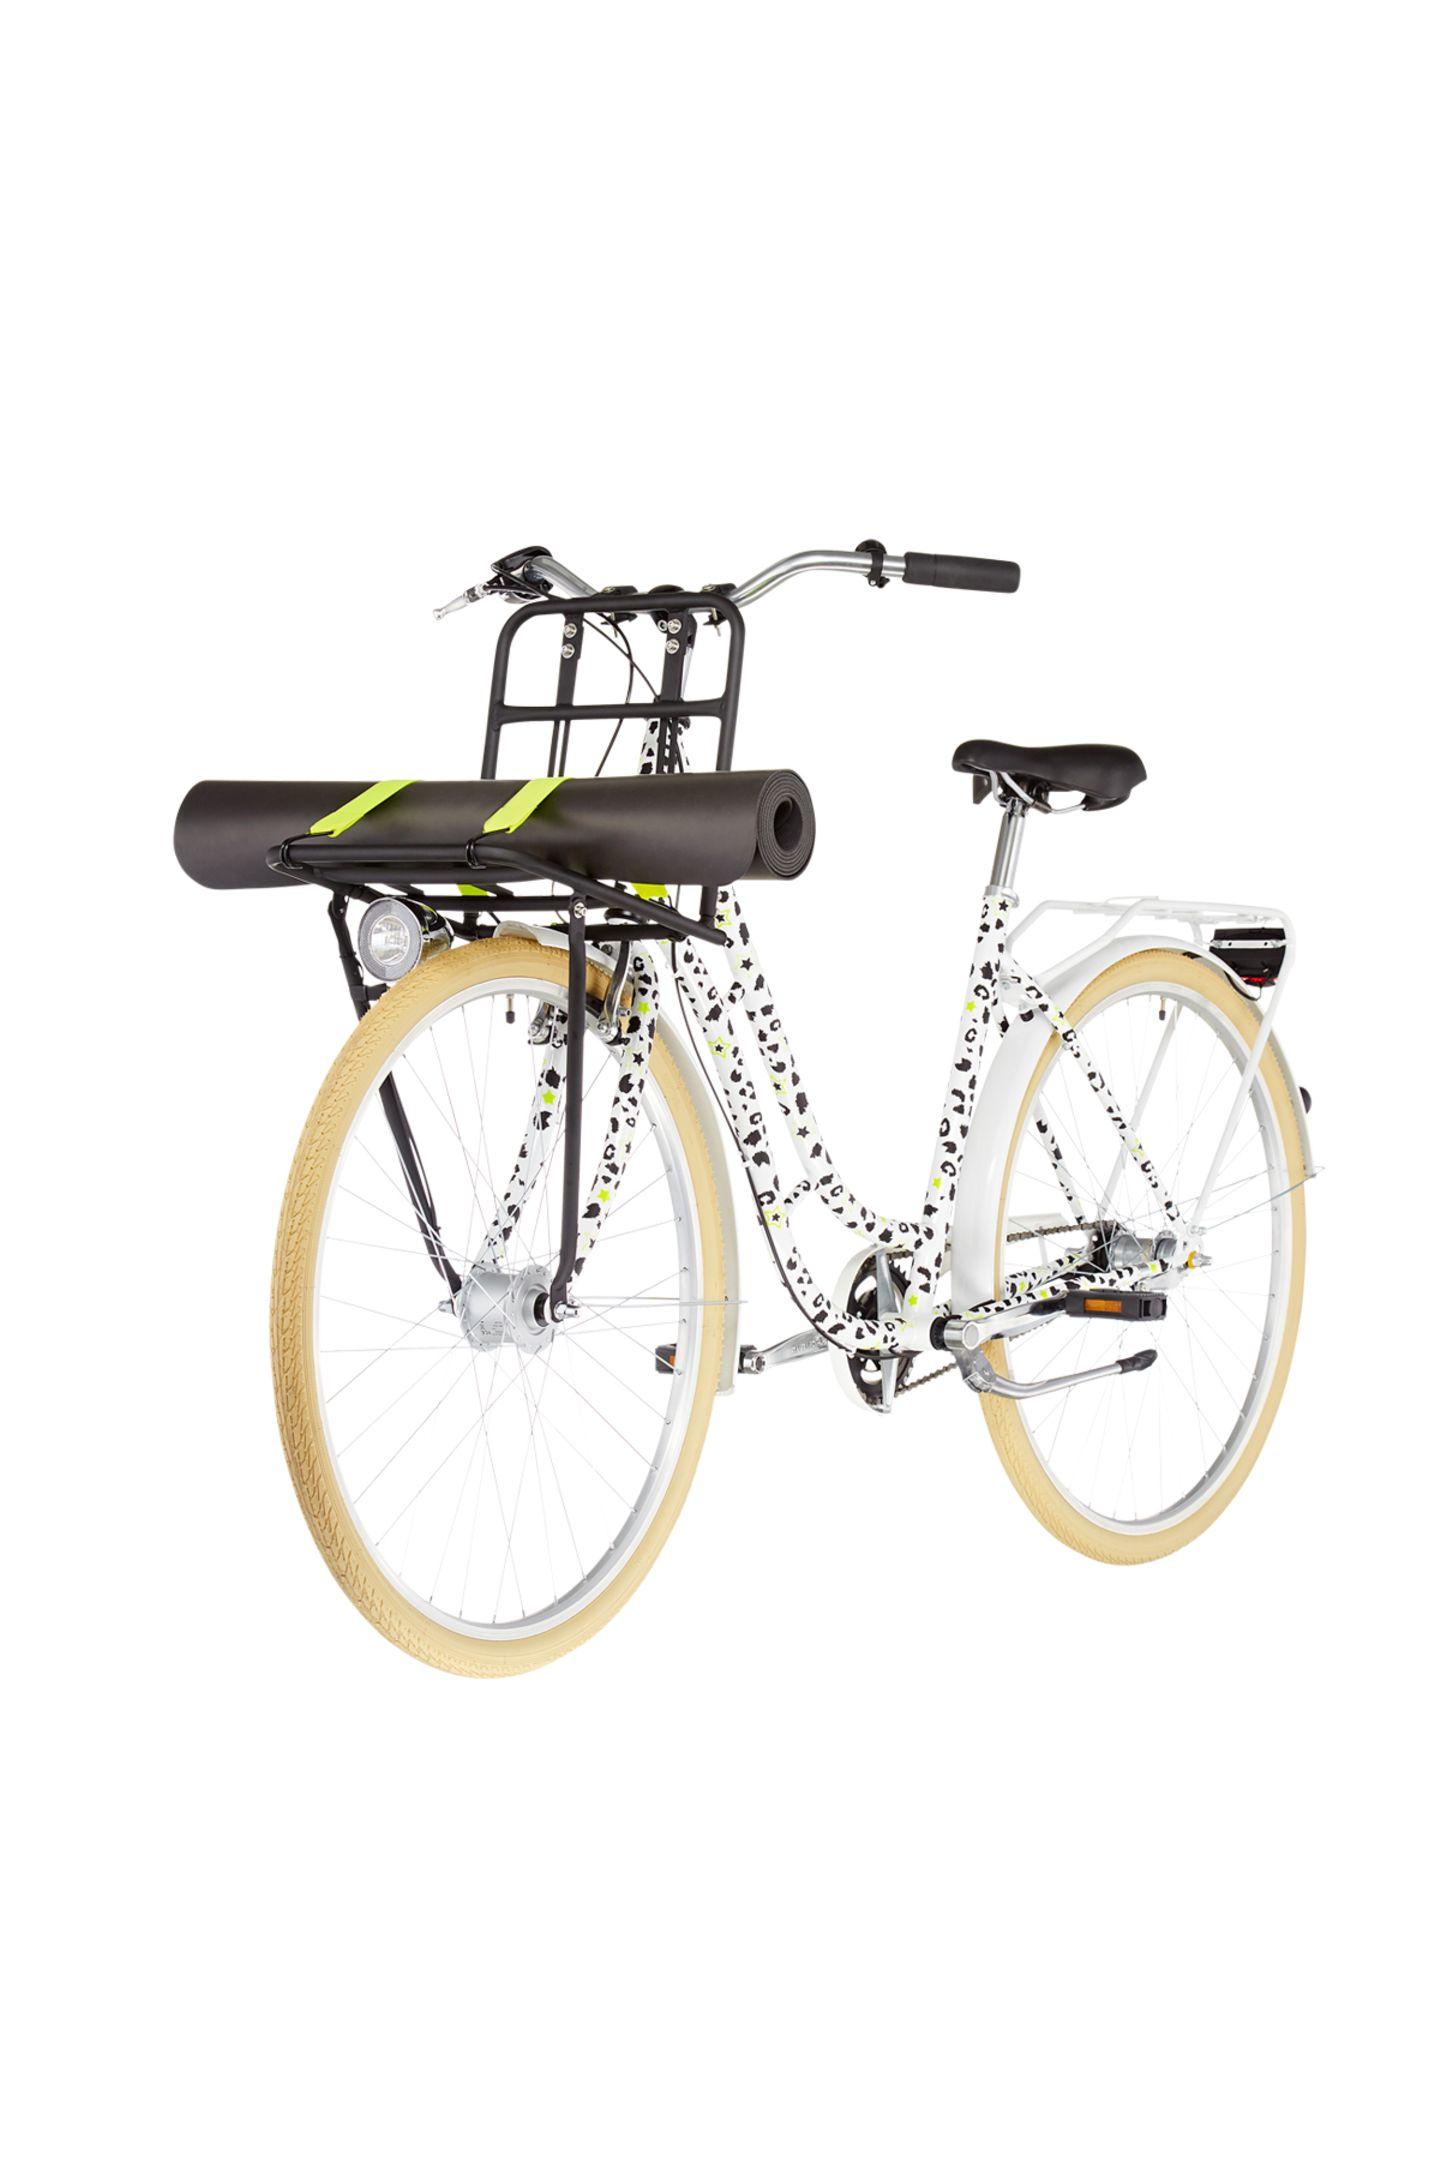 Ein Fahrrad, mit dem wir in diesem Sommer auf jeden Fallunsere Gegend erkunden wollen – und am liebsten gar nicht mehr absteigen möchten. Denn die Optik des Rades ist mit seinem Leo-Muster ein absoluter Hingucker.Das Design stammt aus der aktuellen Yogawear Kollektion von Hey Honey und nennt sich Dreamland. Von fahrrad.de x Hey Honey, kostet ca. 400 Euro.